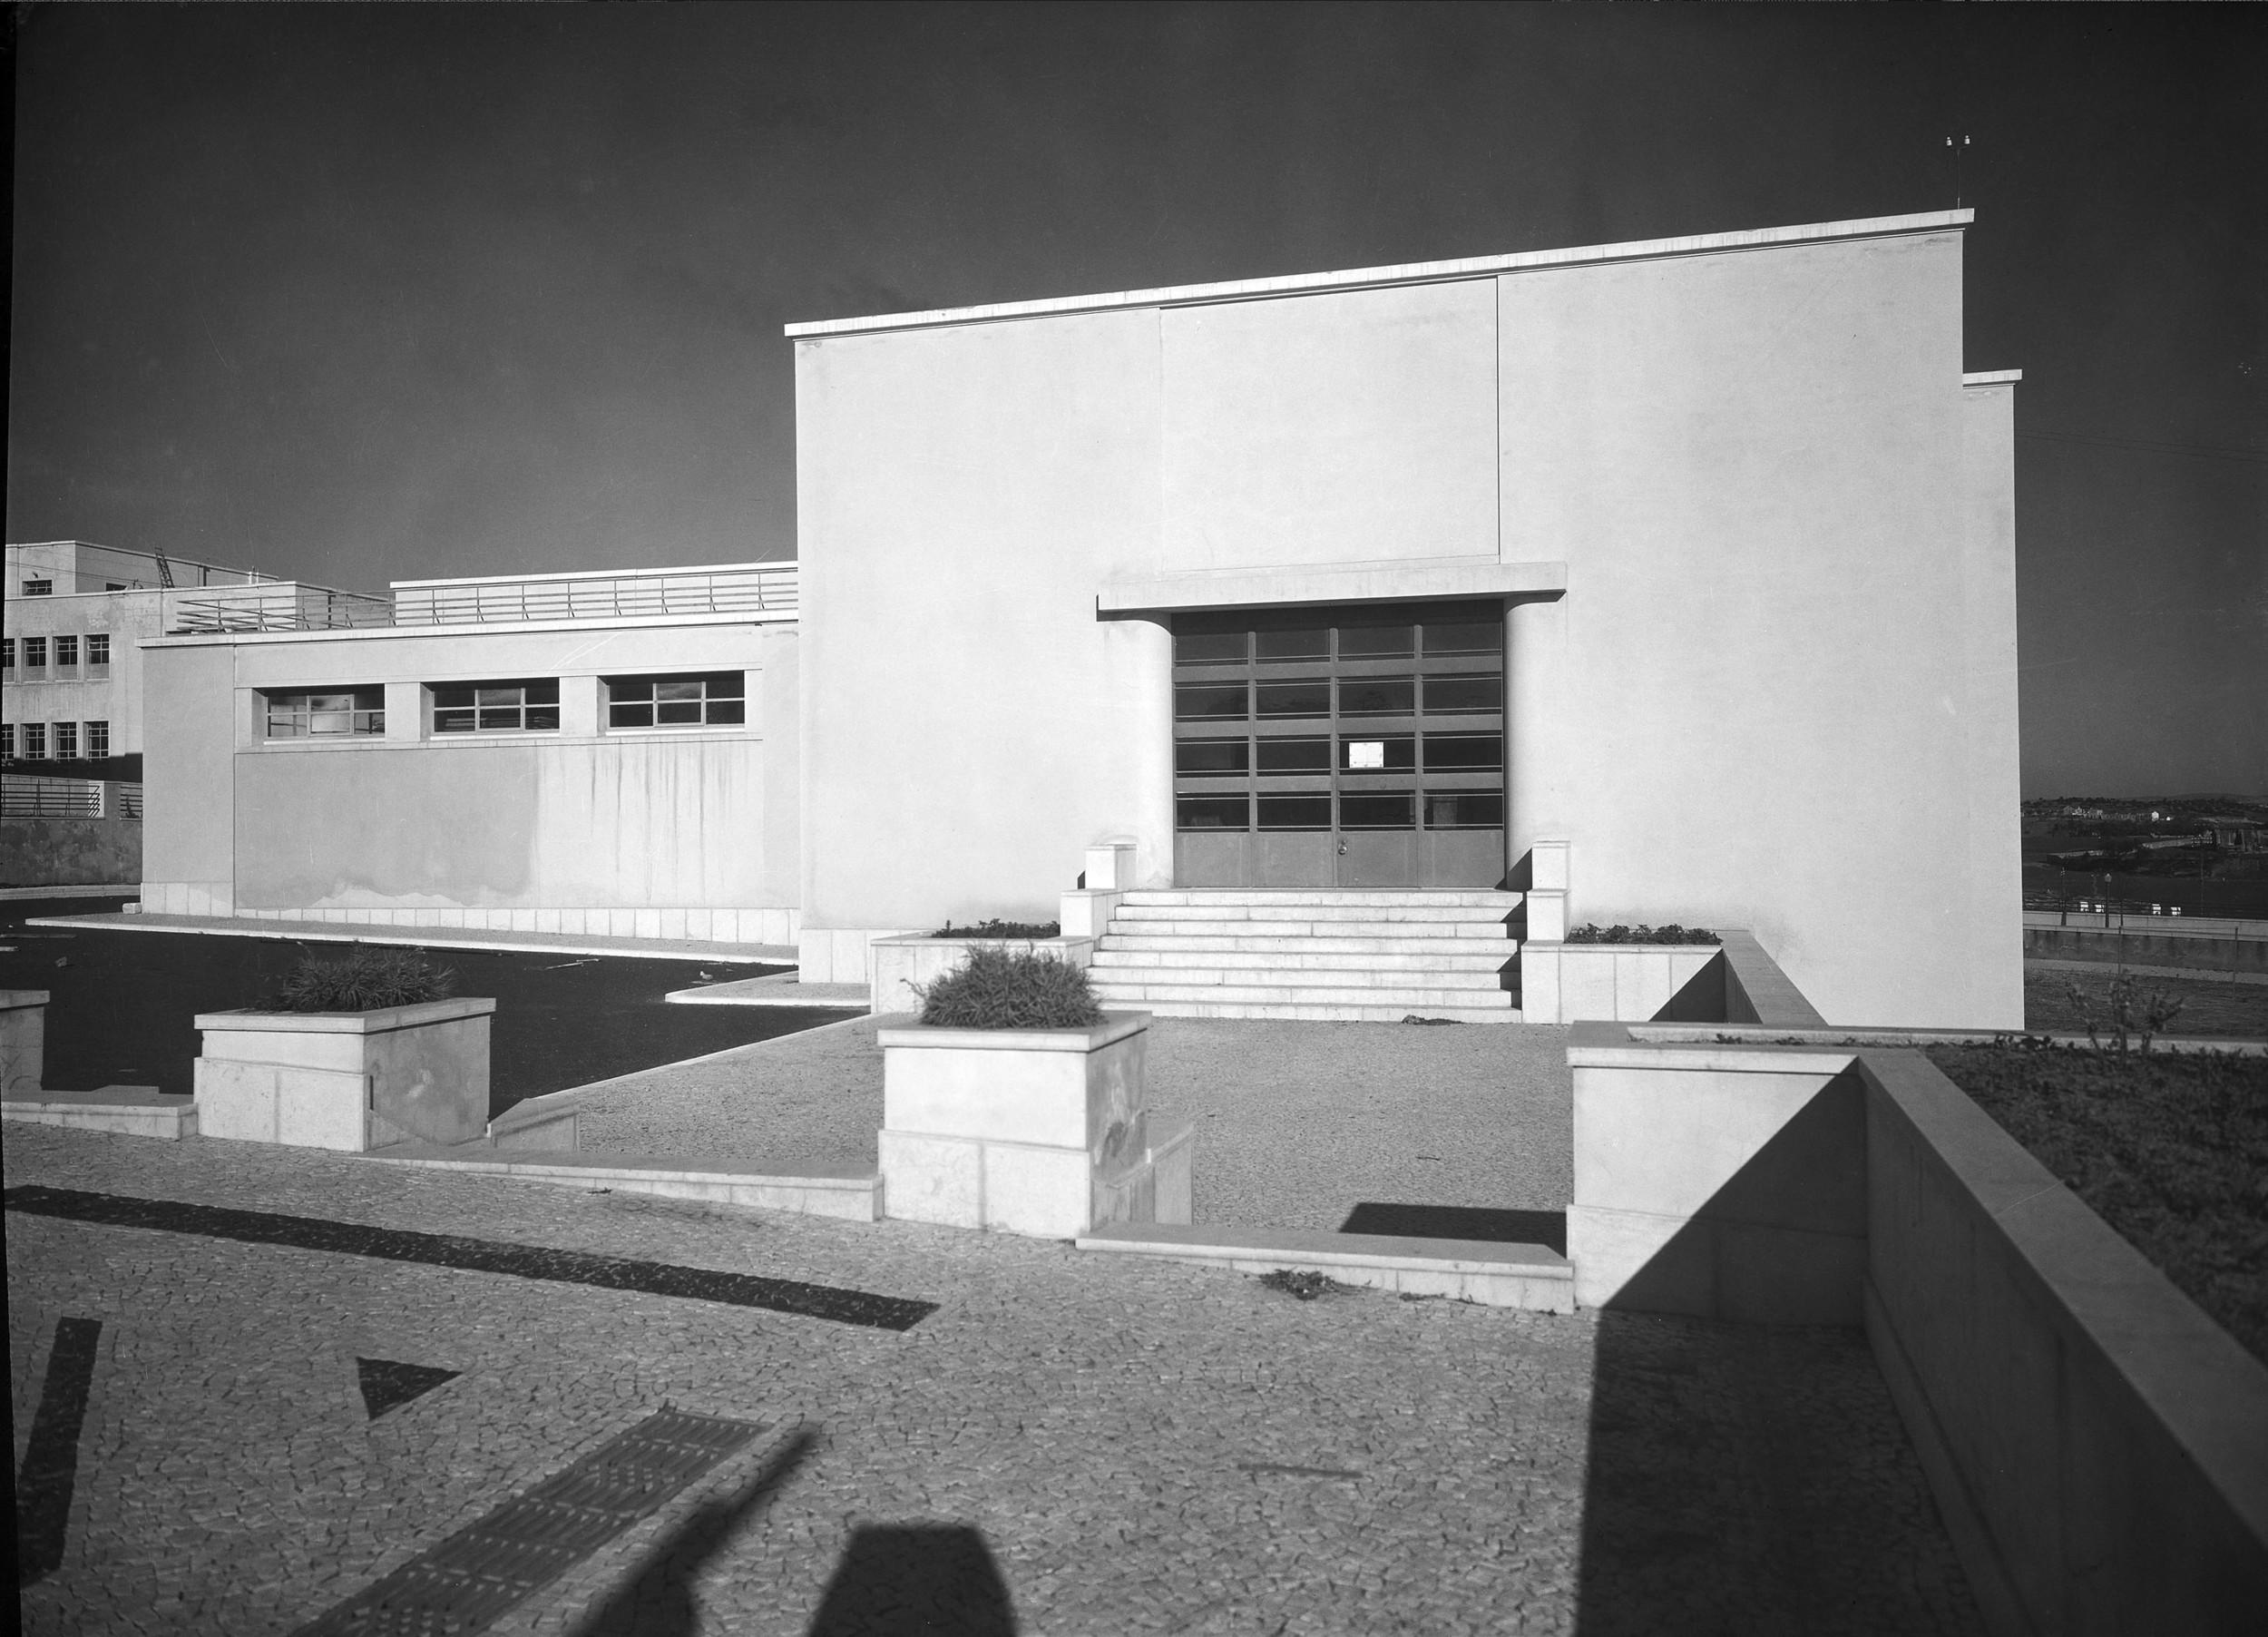 Instituto Superior Técnico, Lisbon  Photo: Mário Novais, ca. 1936-37, Lisbon  Biblioteca de Arte da Fundação Calouste Gulbenkian [CFT003_100962]